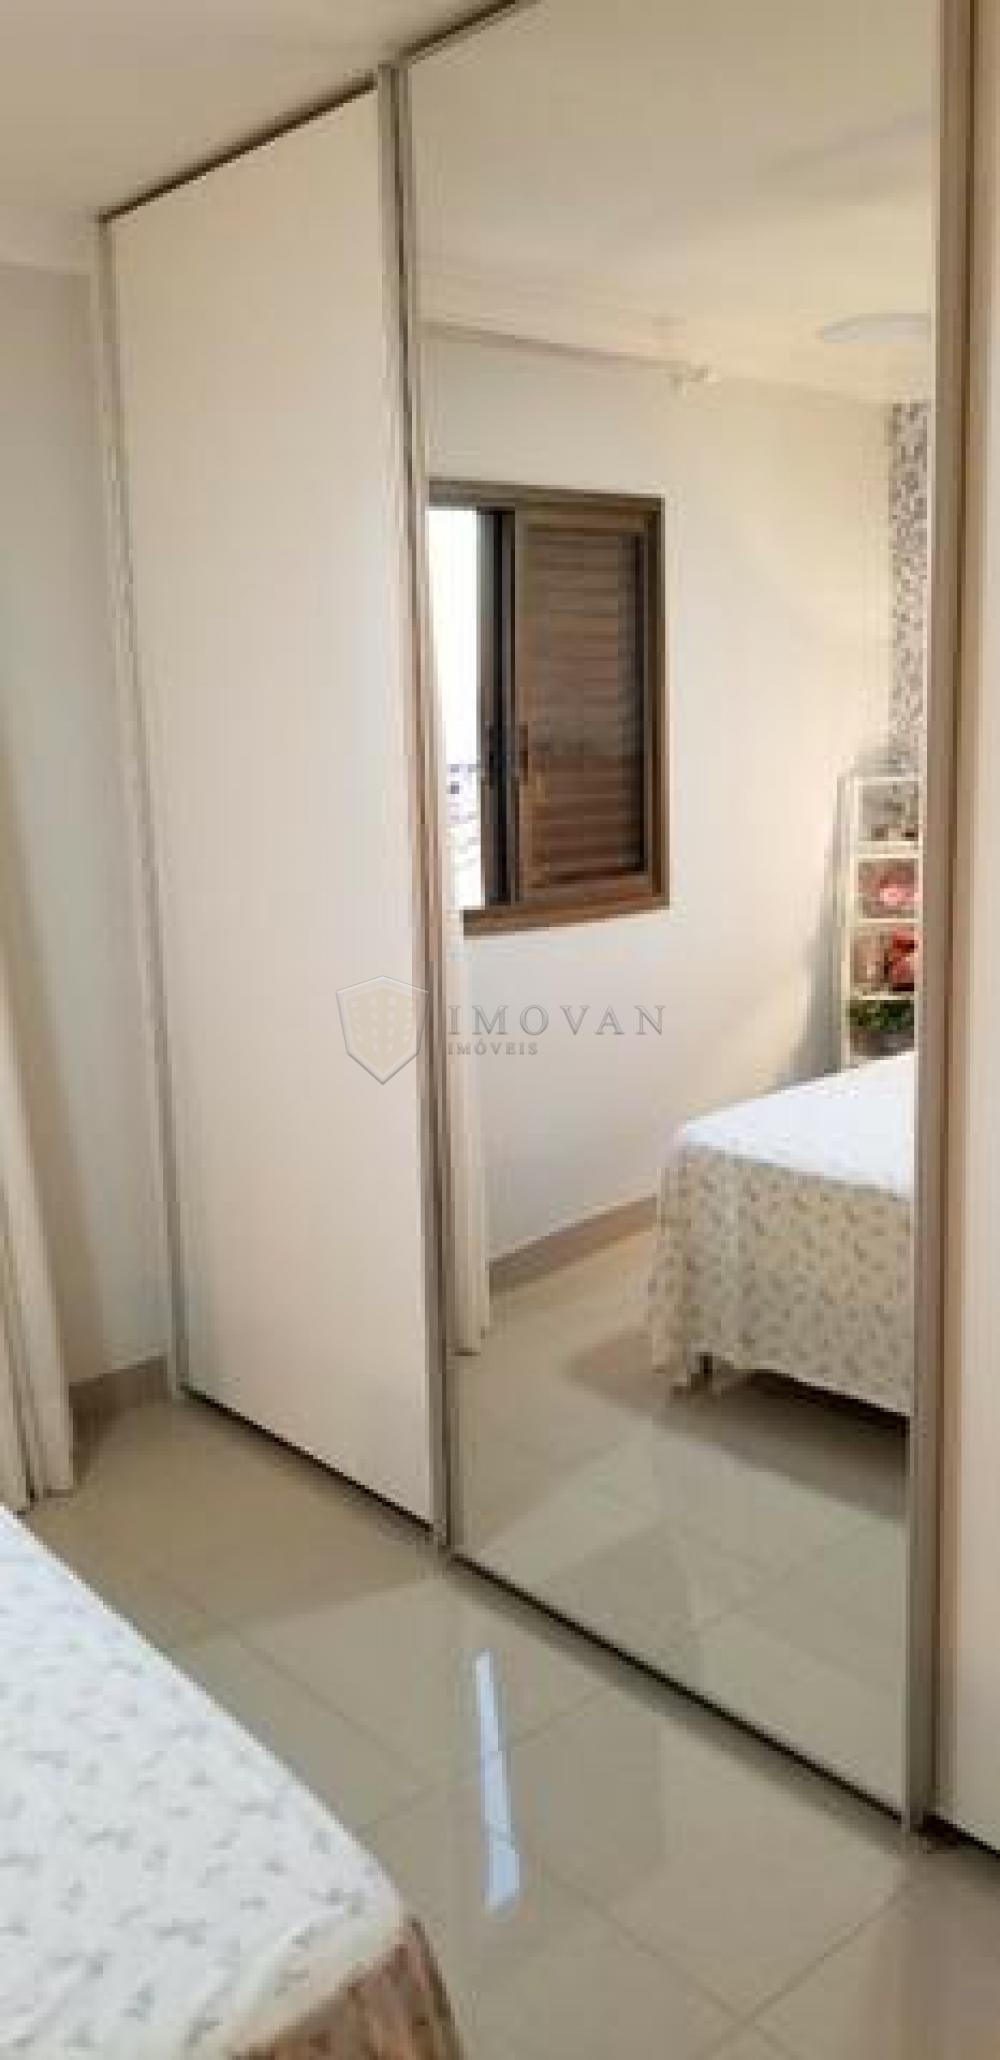 Comprar Apartamento / Padrão em Ribeirão Preto apenas R$ 485.000,00 - Foto 13